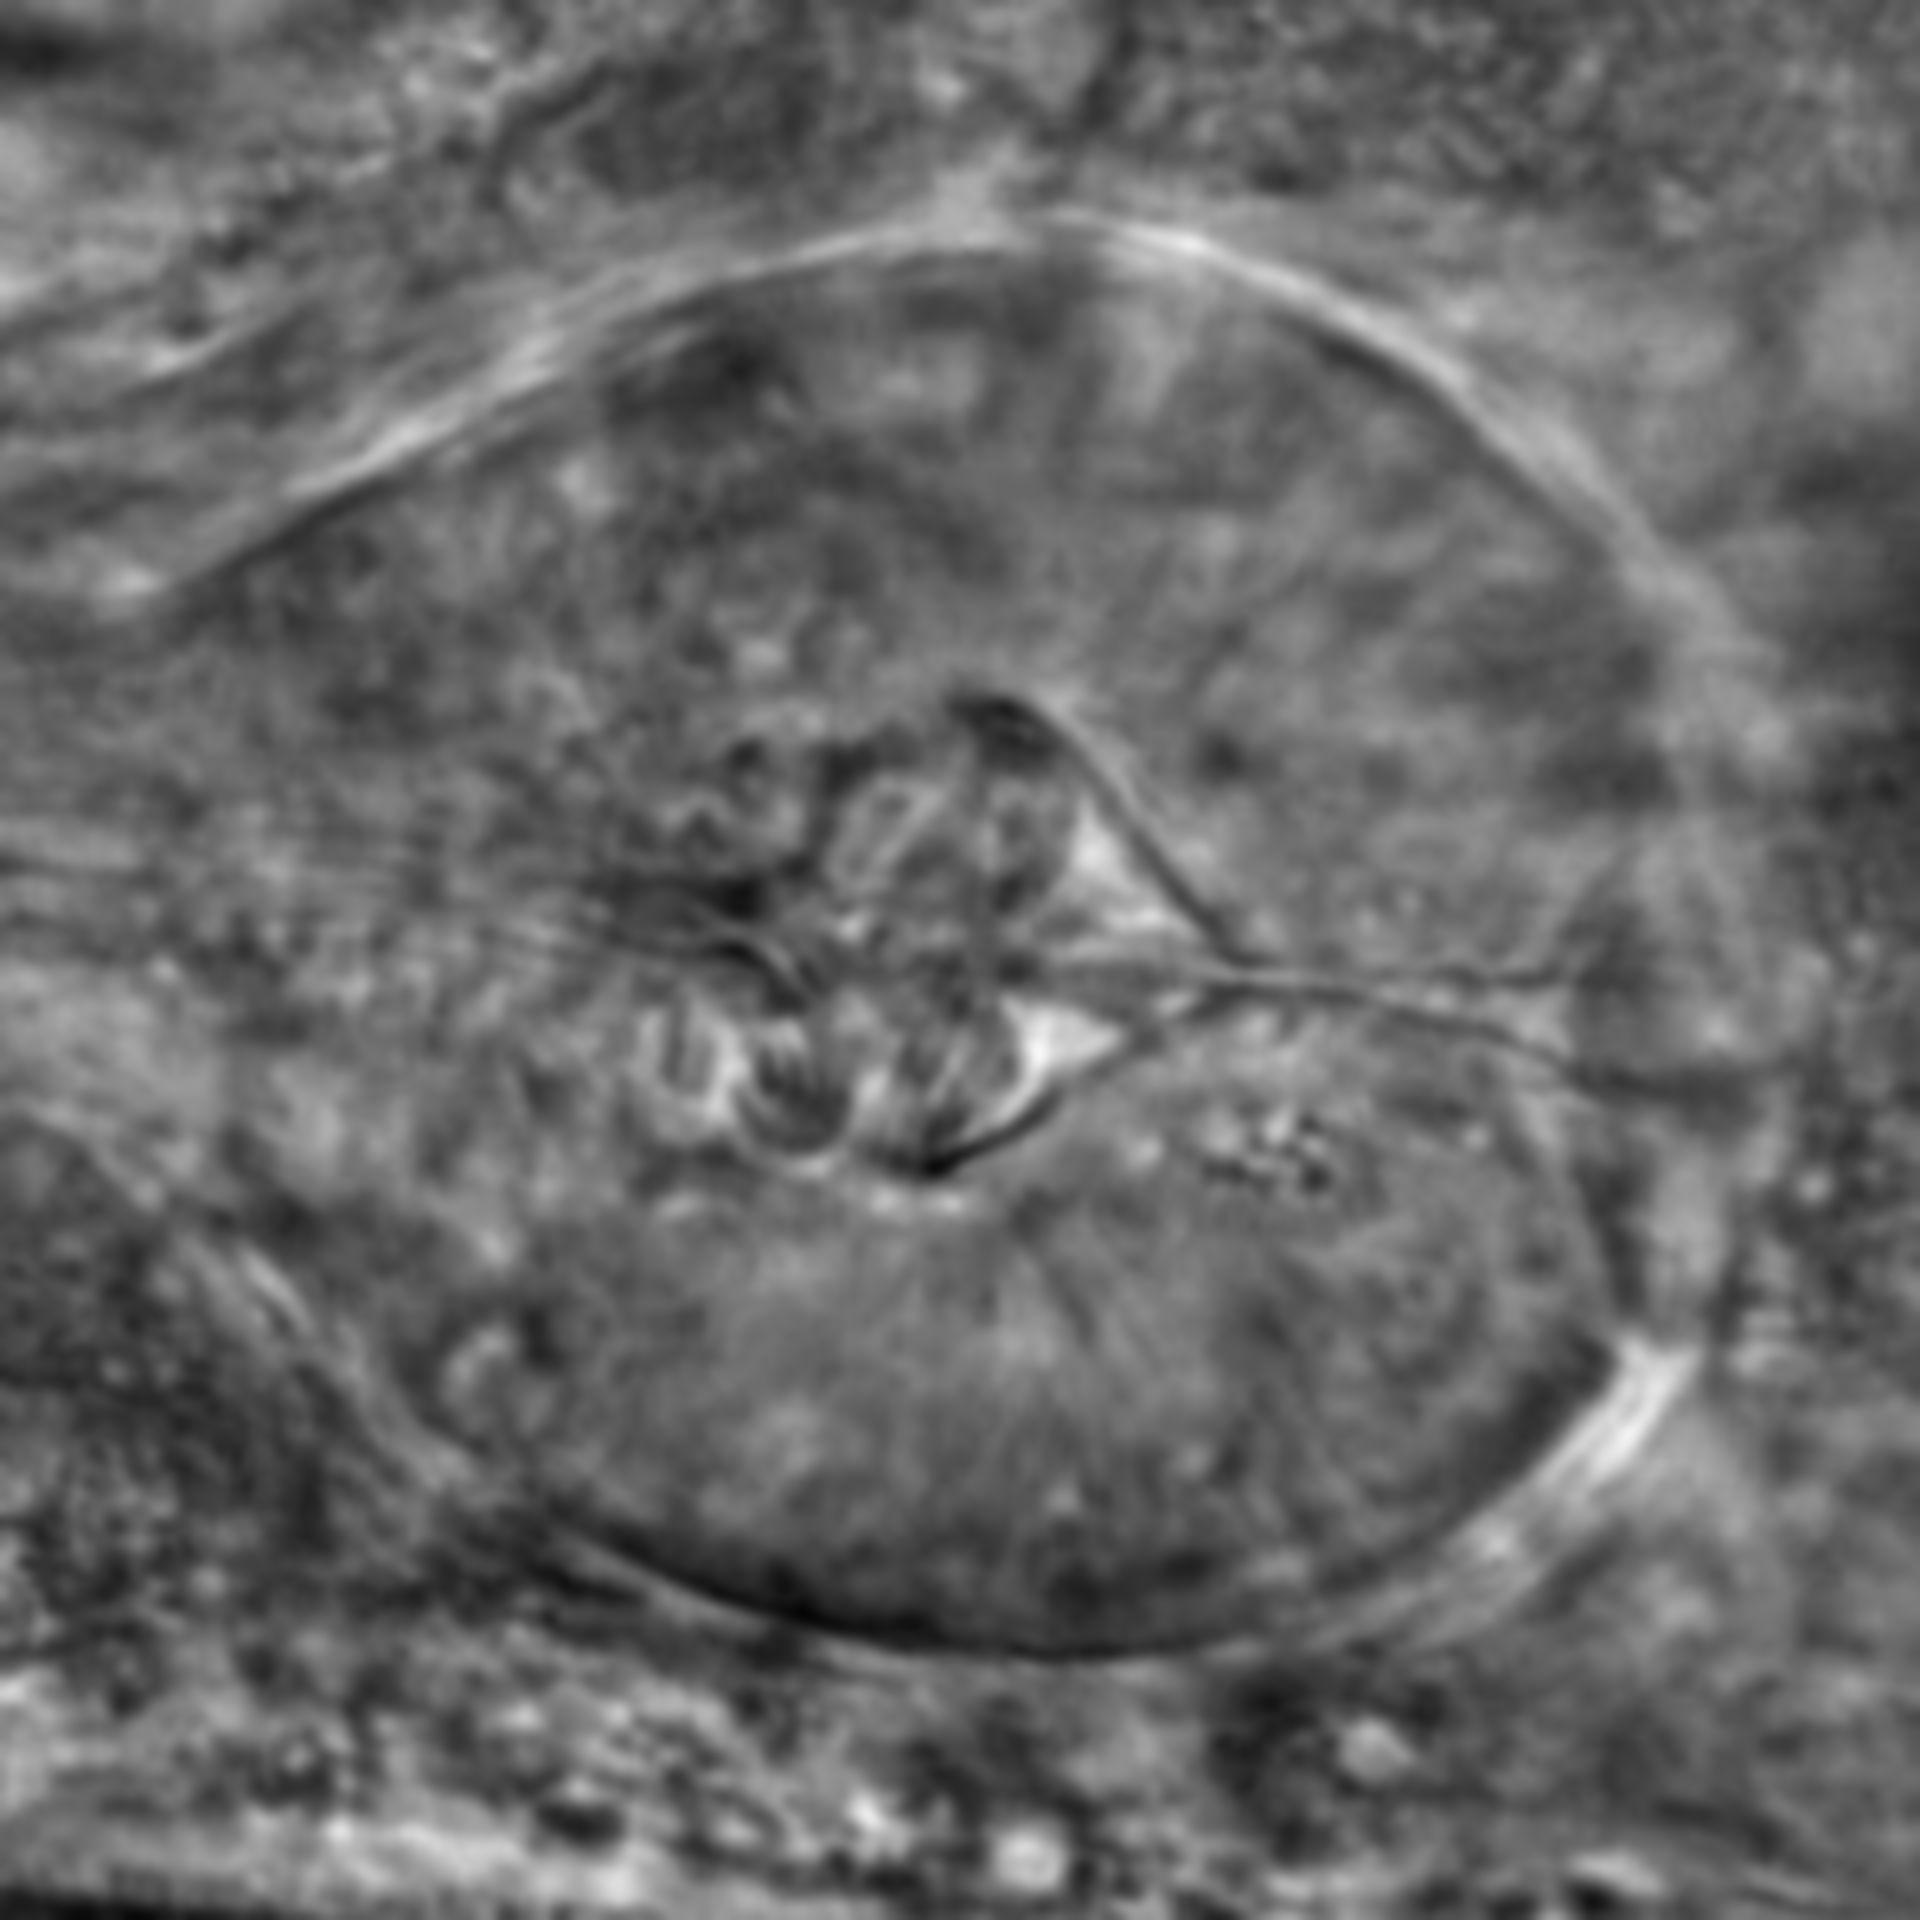 Caenorhabditis elegans - CIL:2737